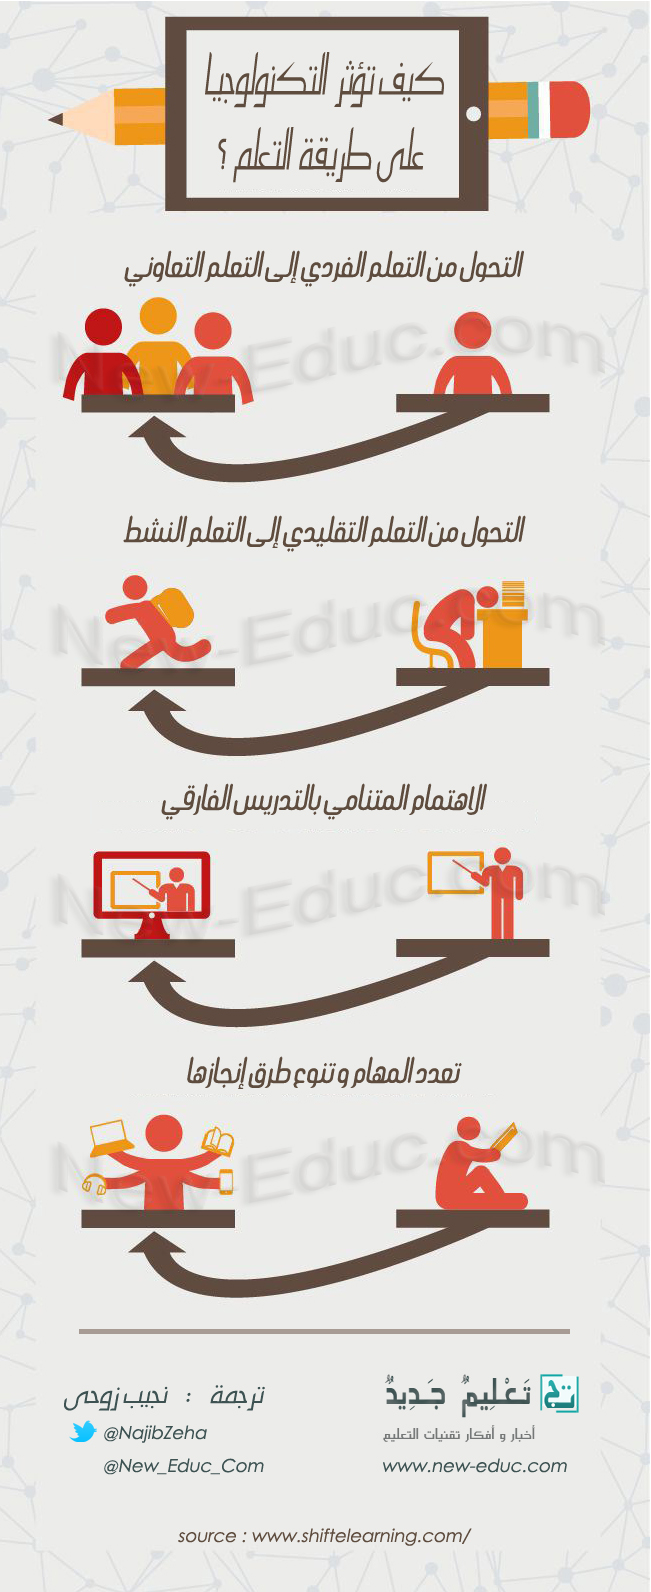 تأثير التكنولوجيا على طريقة التعلم